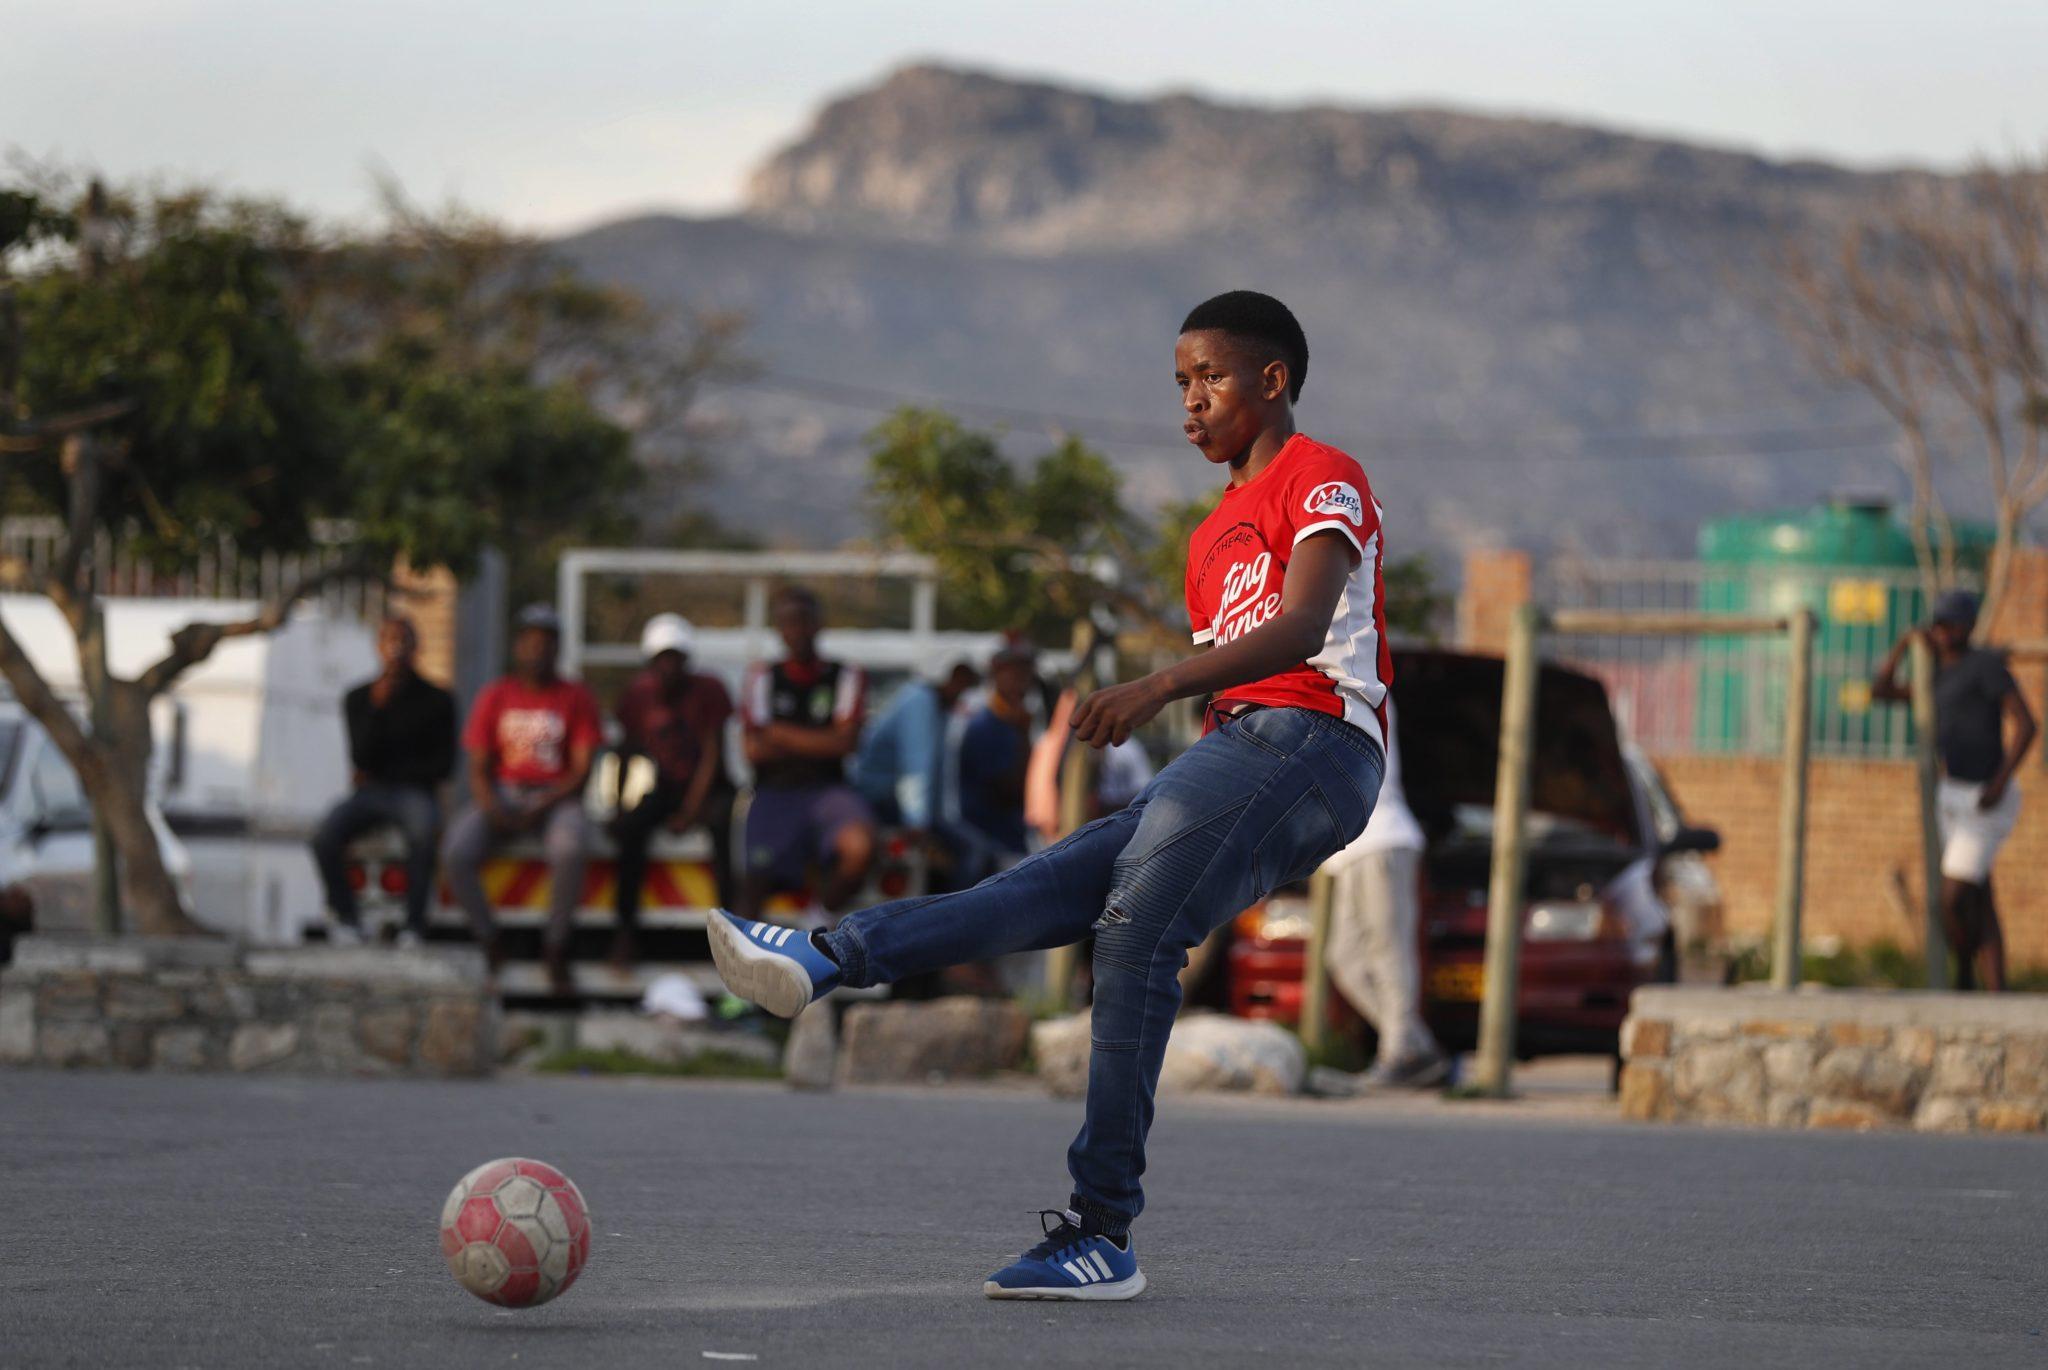 RPA, chłopcy rozgrywają mecz piłki nożnej w parku w Masiphumelele, Kapsztad oczekuje na początek Mundialu. W Mistrzostwach zagra 5 drużyn, fot: Nic Bothma, PAP/EPA